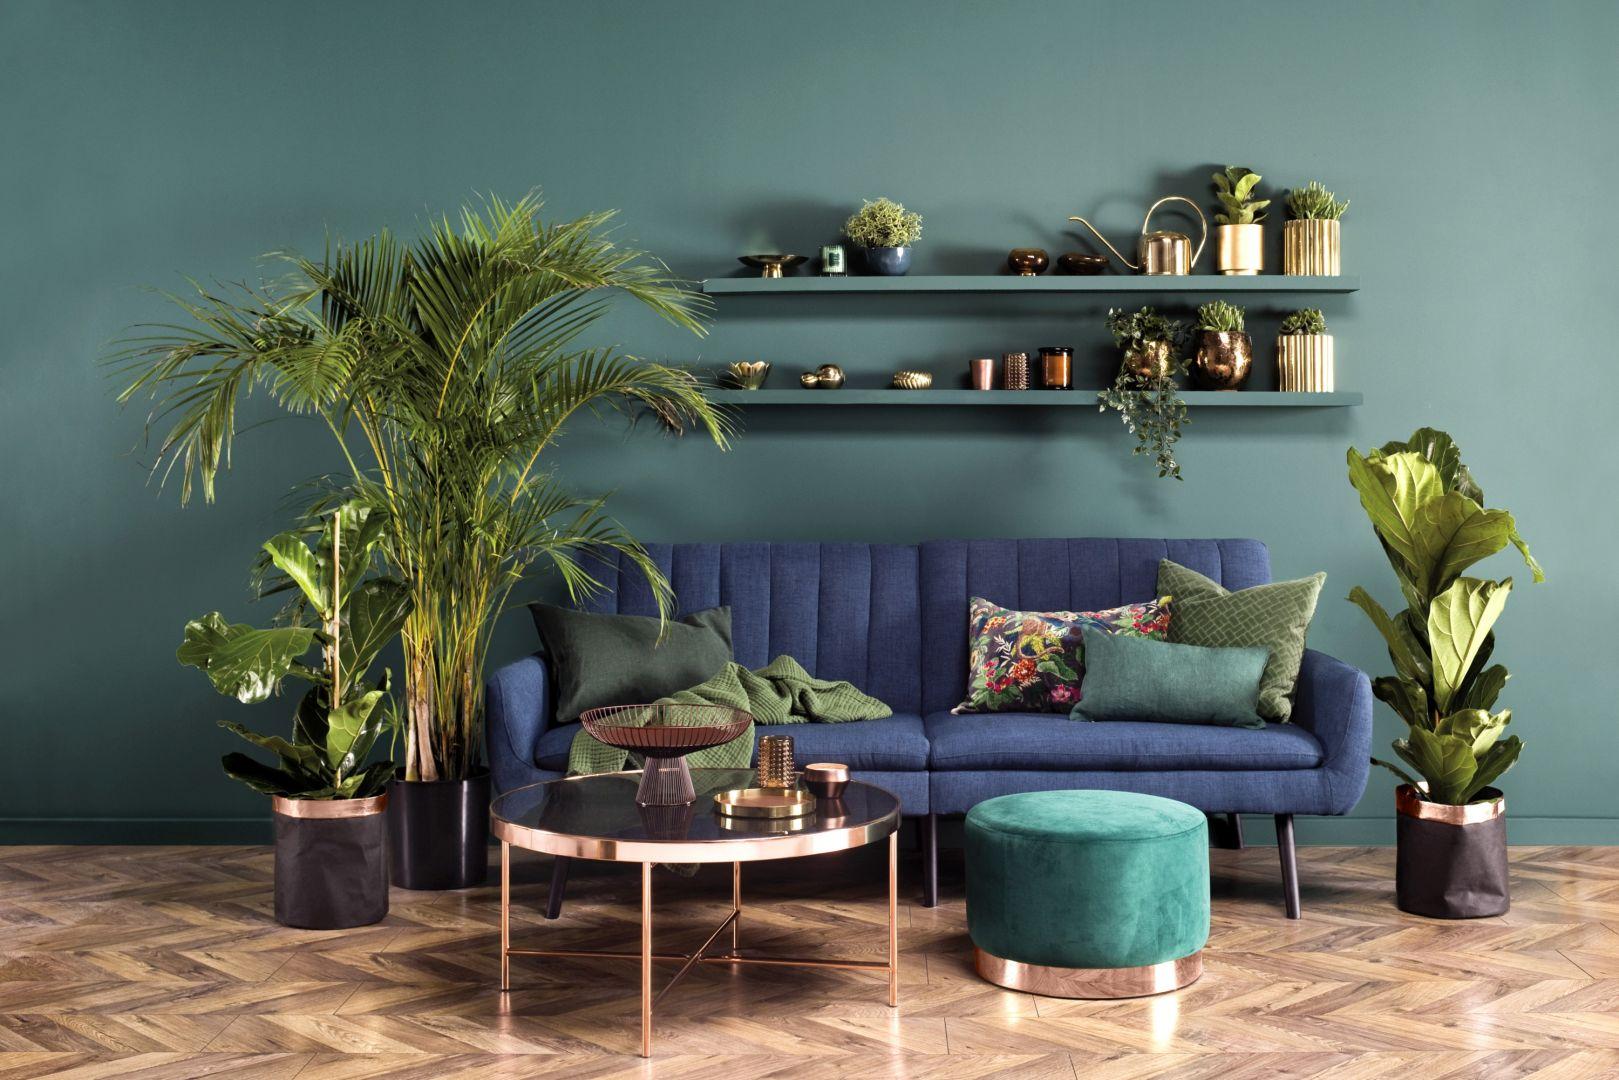 Ściany w nasyconym kolorze szmaragdu Secret Garden z linii Beckers Designer Collection wykreują w salonie atmosferę tajemniczości towarzyszącą dzikiej dżungli.